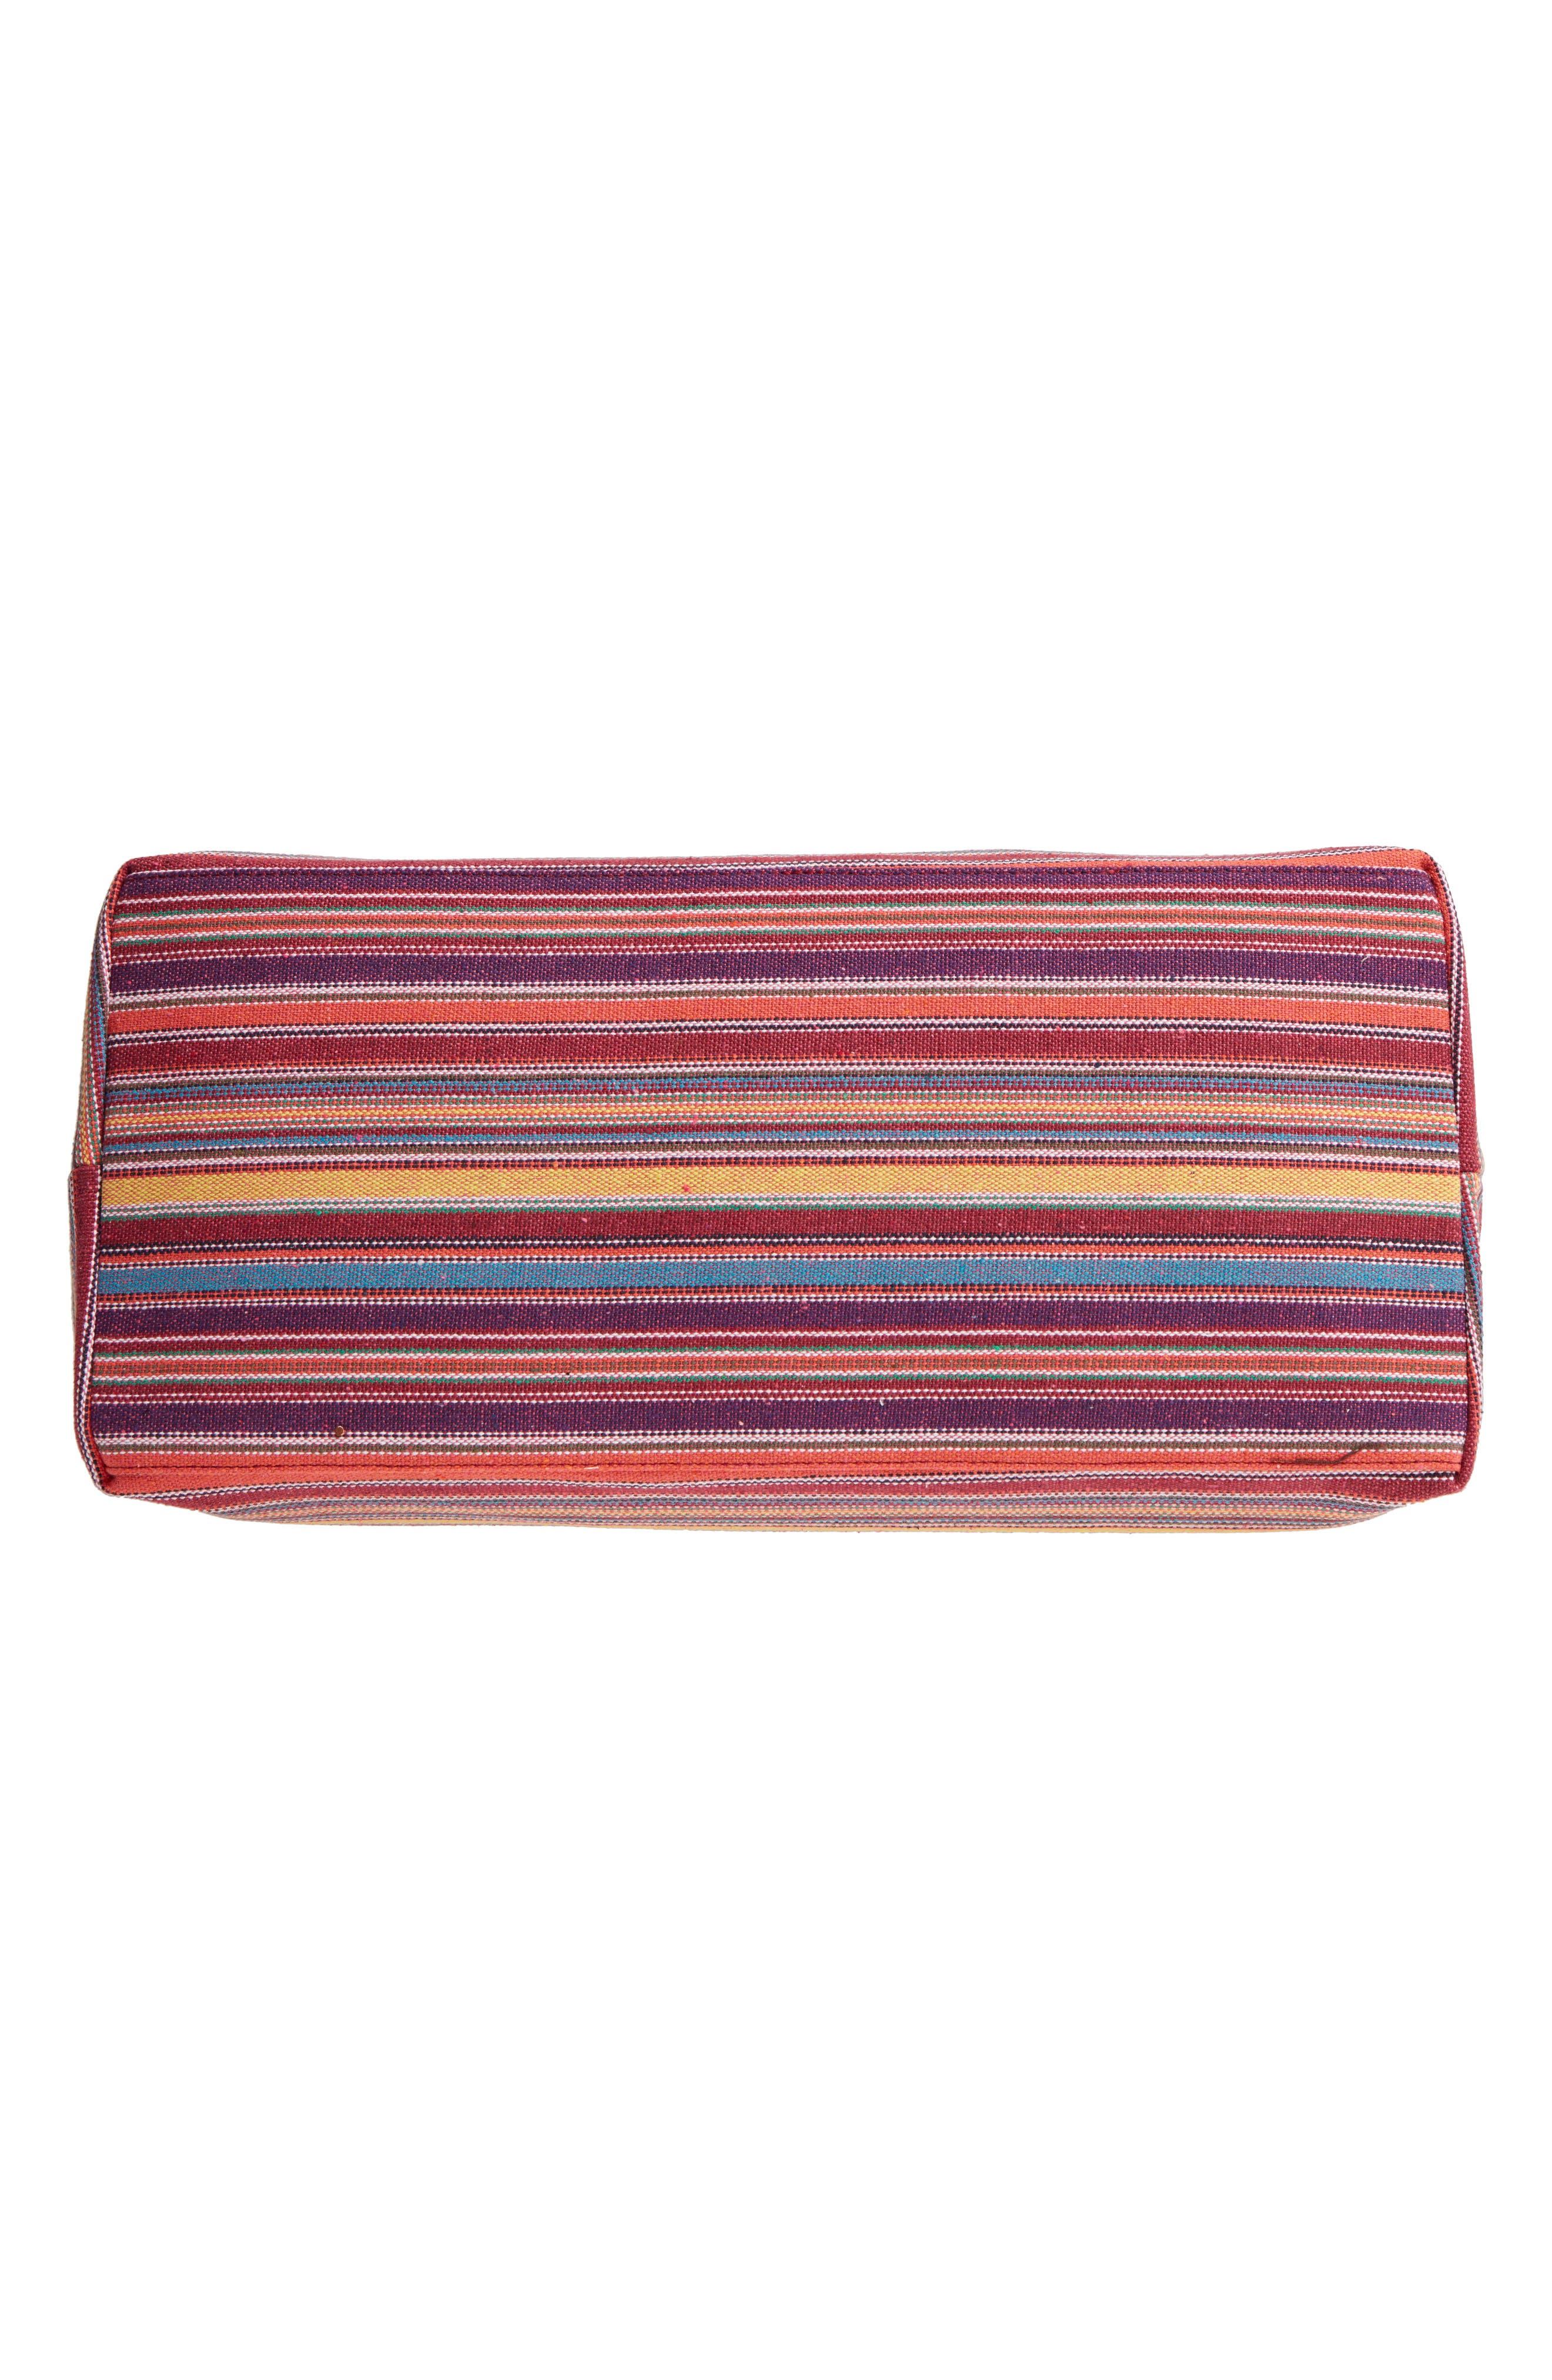 Stripe Woven Overnight Bag,                             Alternate thumbnail 6, color,                             500